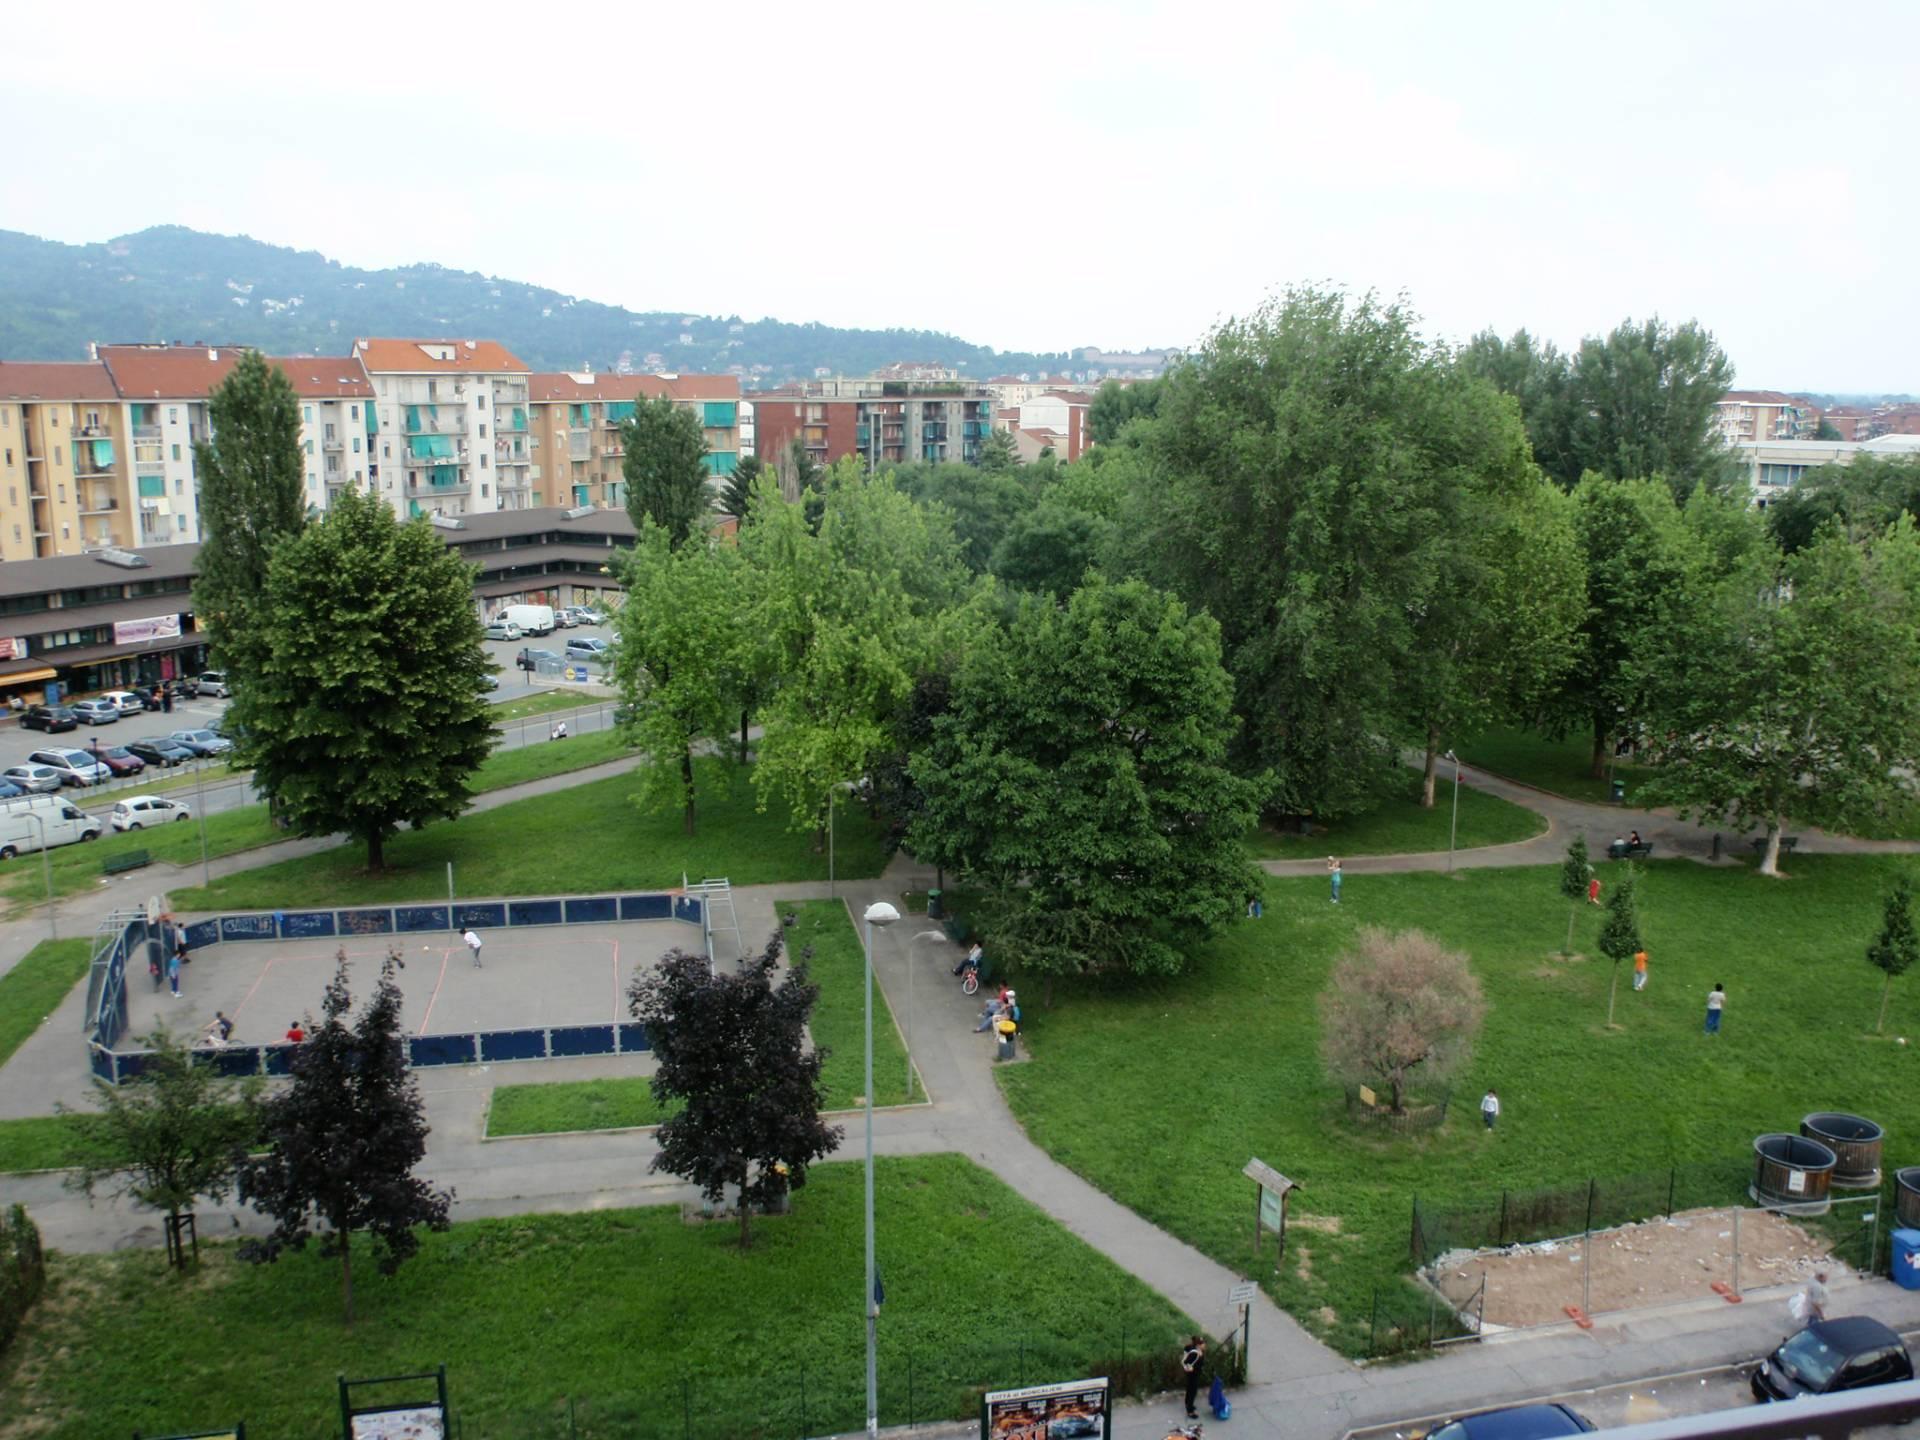 Appartamento in affitto a Moncalieri, 2 locali, zona Località: SanPietro, prezzo € 380 | Cambio Casa.it